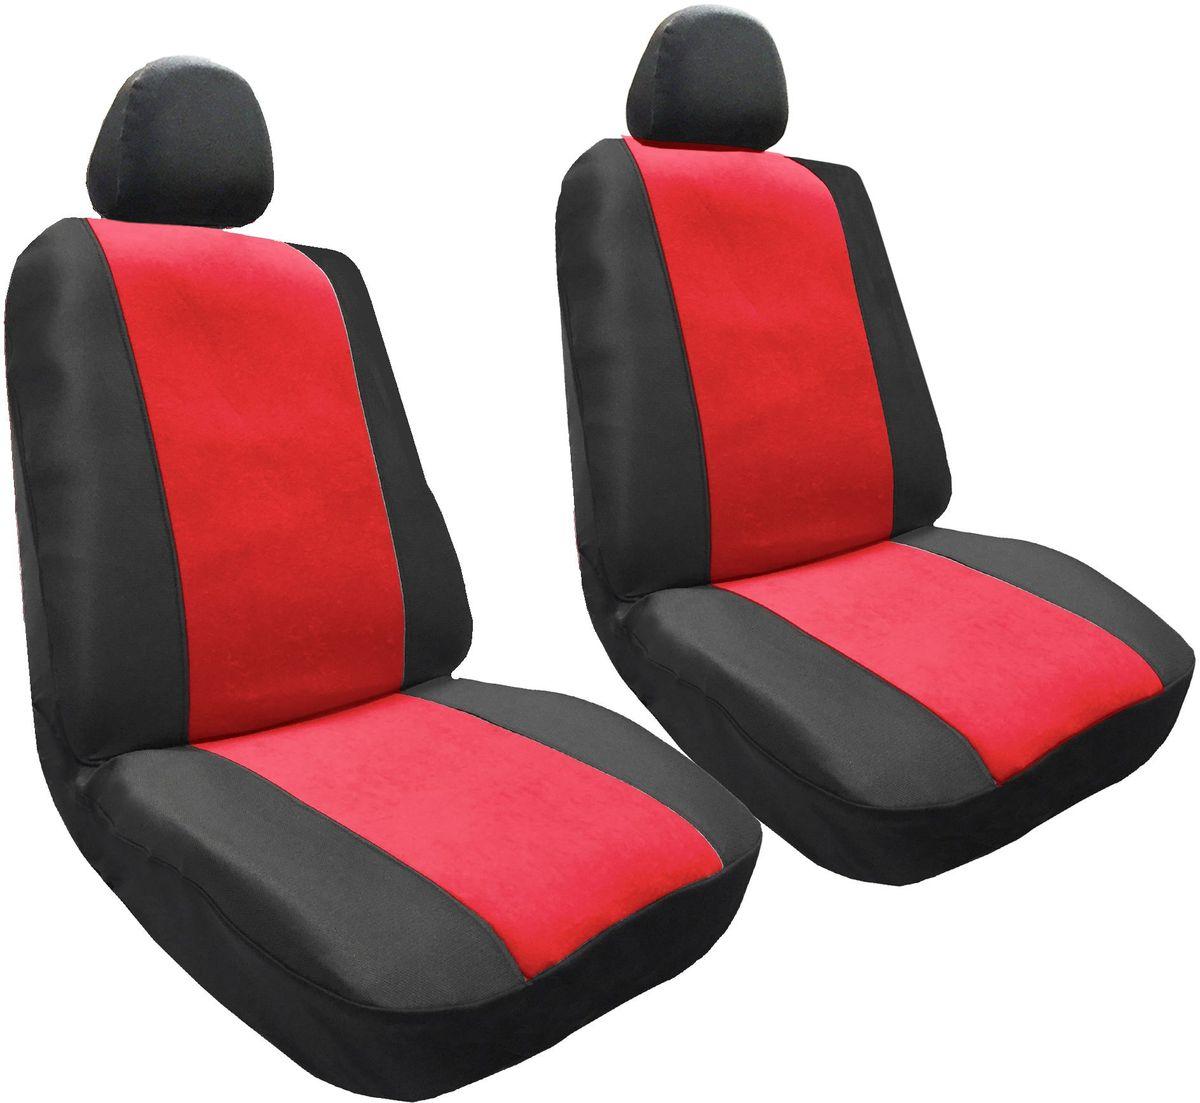 Набор автомобильных чехлов Auto Premium Корвет, цвет: черный, красный, 4 предмета57303Комплект универсальных чехлов Auto Premium Корвет выполнен из велюра. Предназначен для передних кресел автомобиля. В комплект входят съемные чехлы для подголовников. Практичный и долговечный комплект чехлов для передних сидений надежно защищает сиденье водителя и пассажира от механических повреждений, загрязнений и износа.